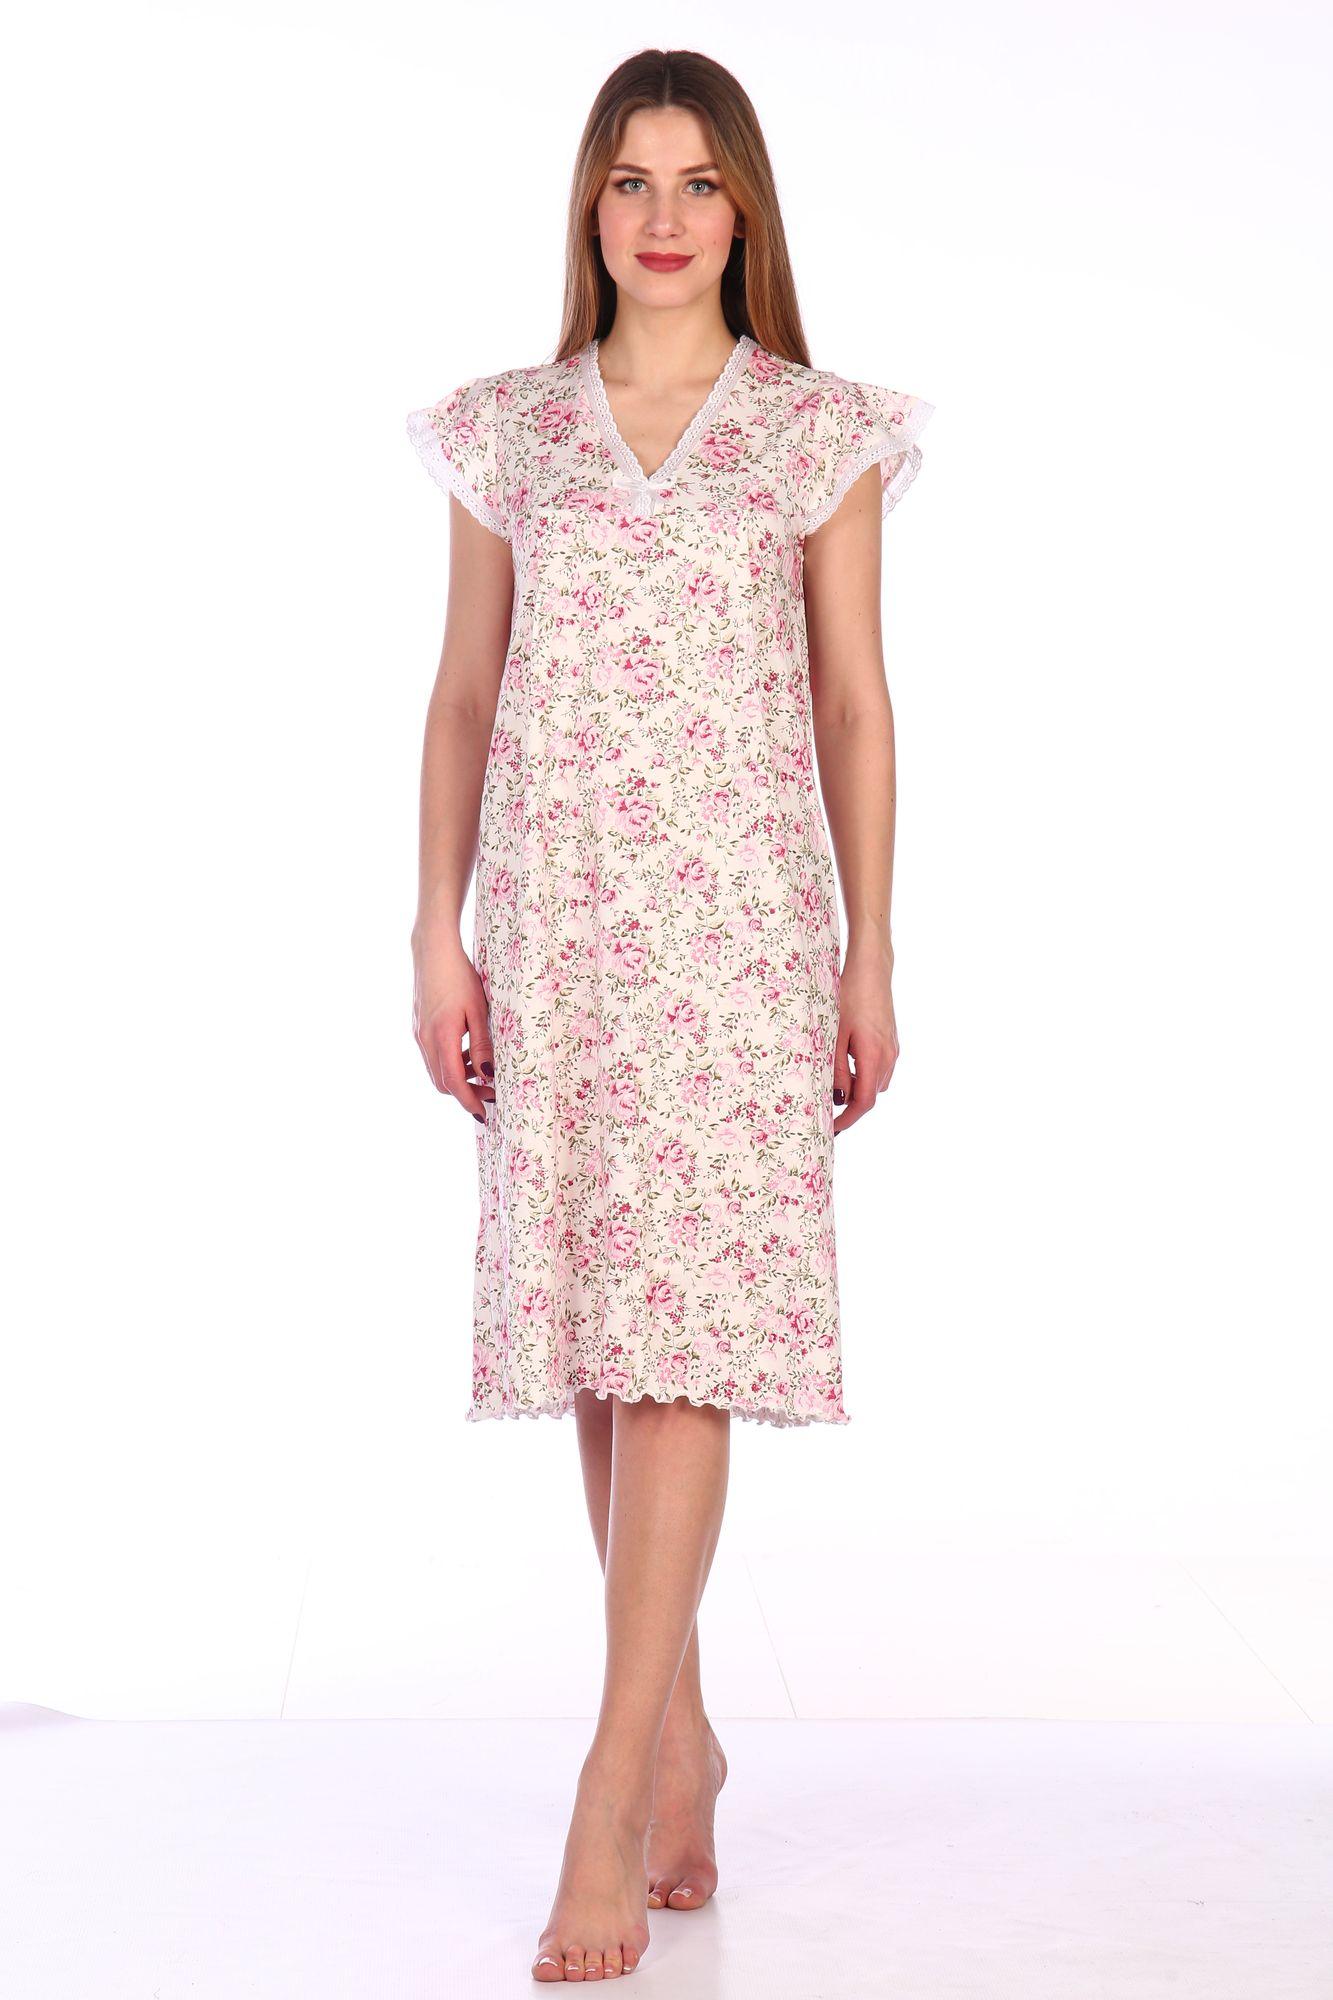 Сорочка ночная женская,мод. 427, трикотаж (Прелесть (розовый))